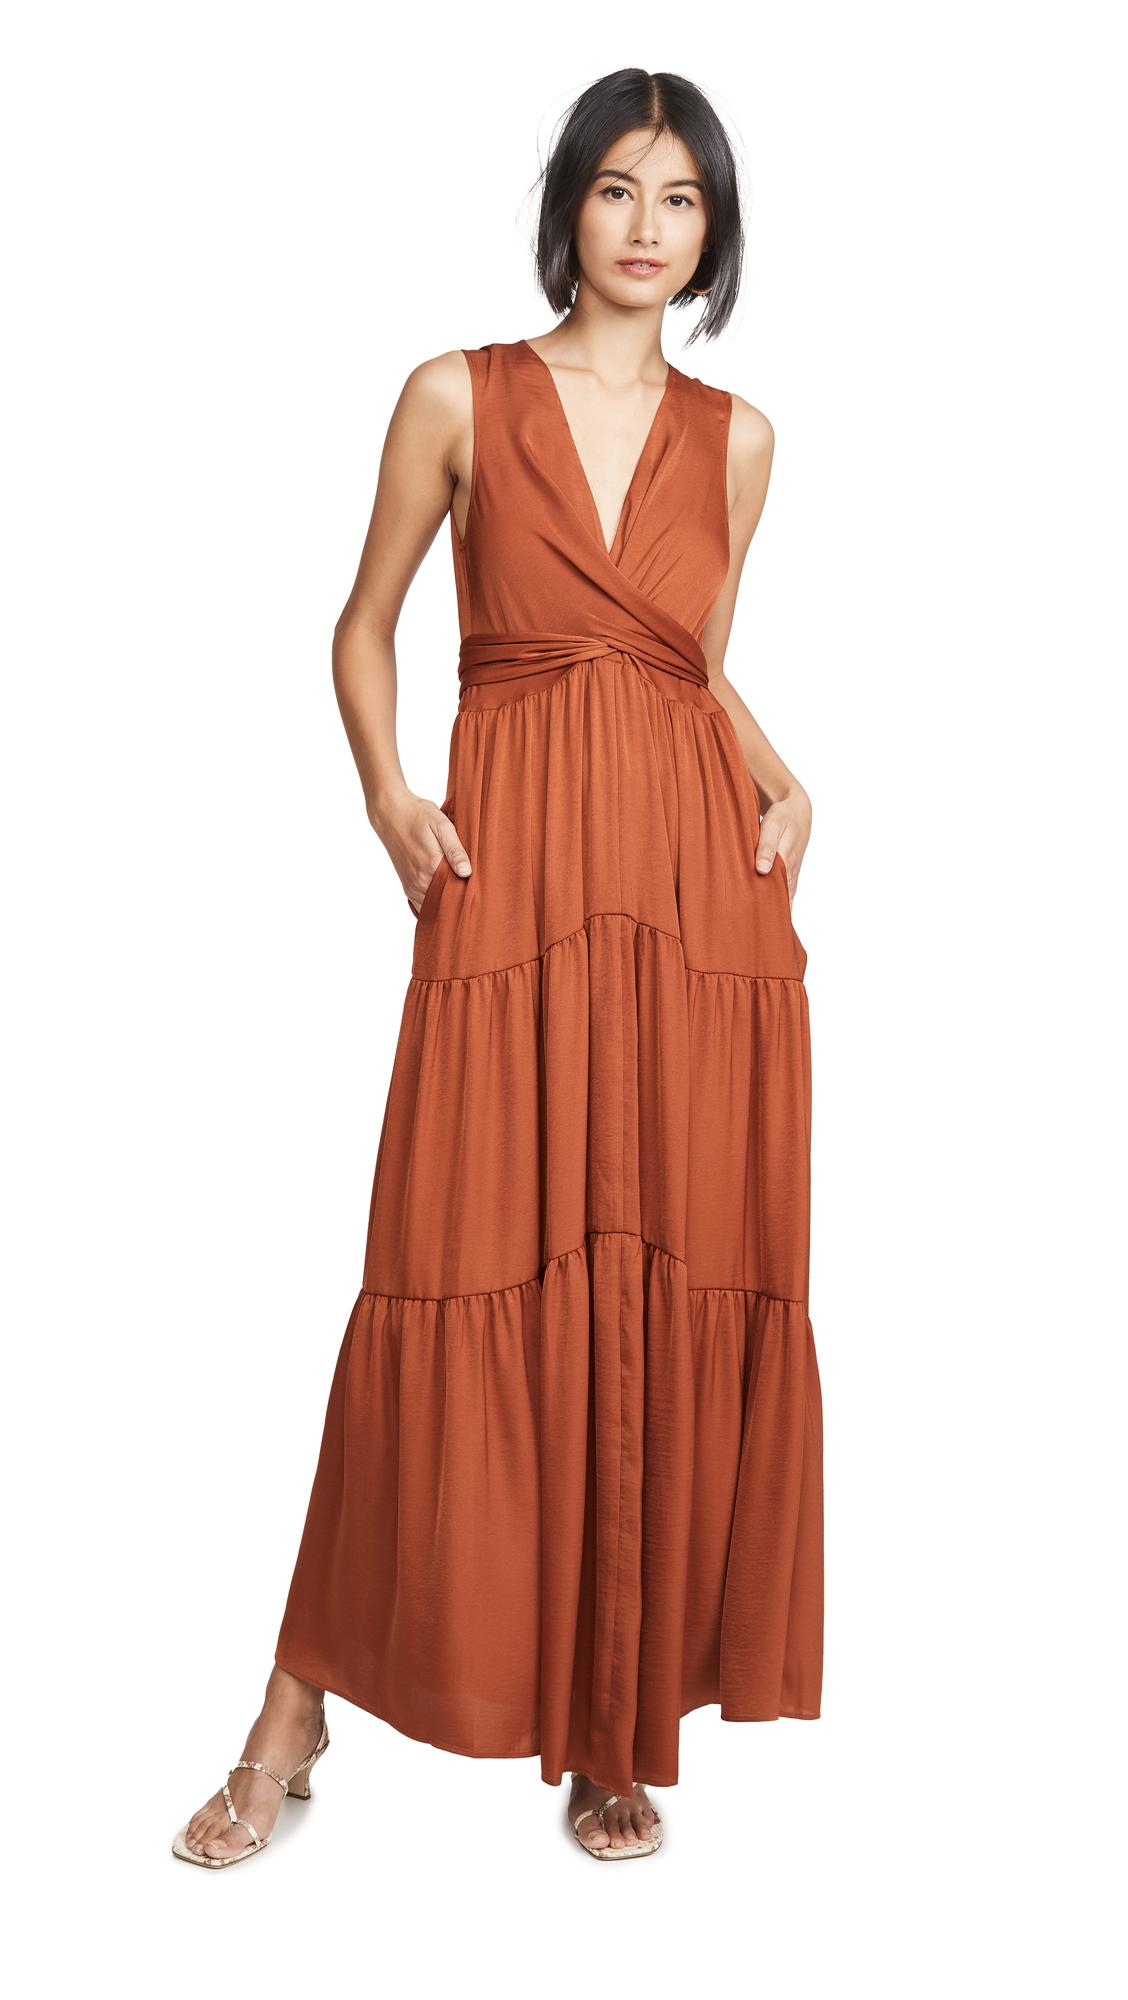 Buy Kobi Halperin Courtnie Dress online beautiful Kobi Halperin Clothing, Dresses